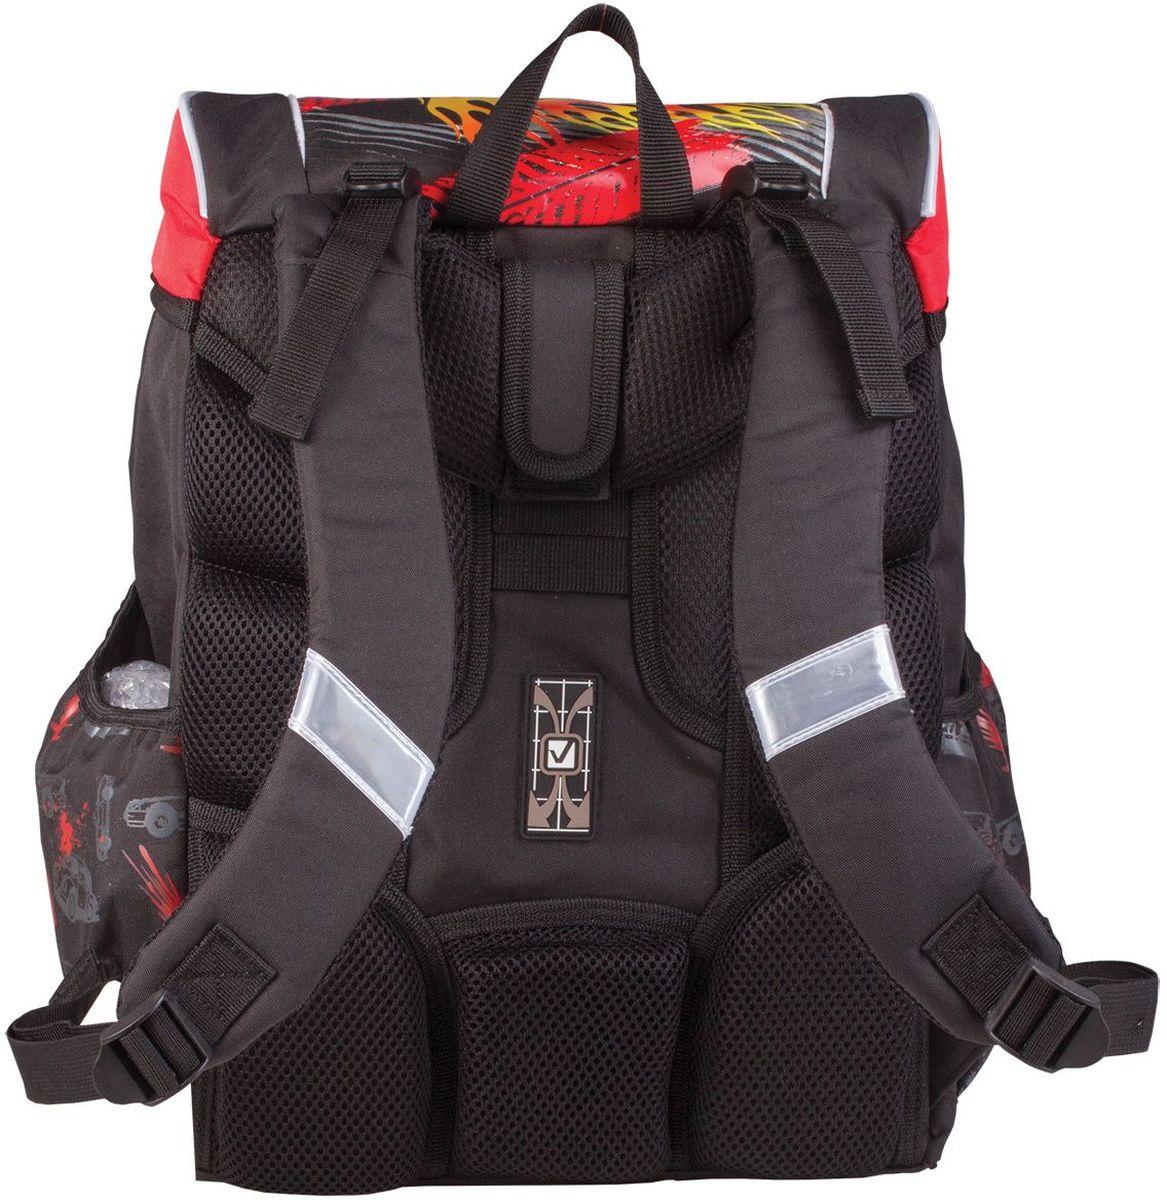 Рюкзаки для детей дизайн